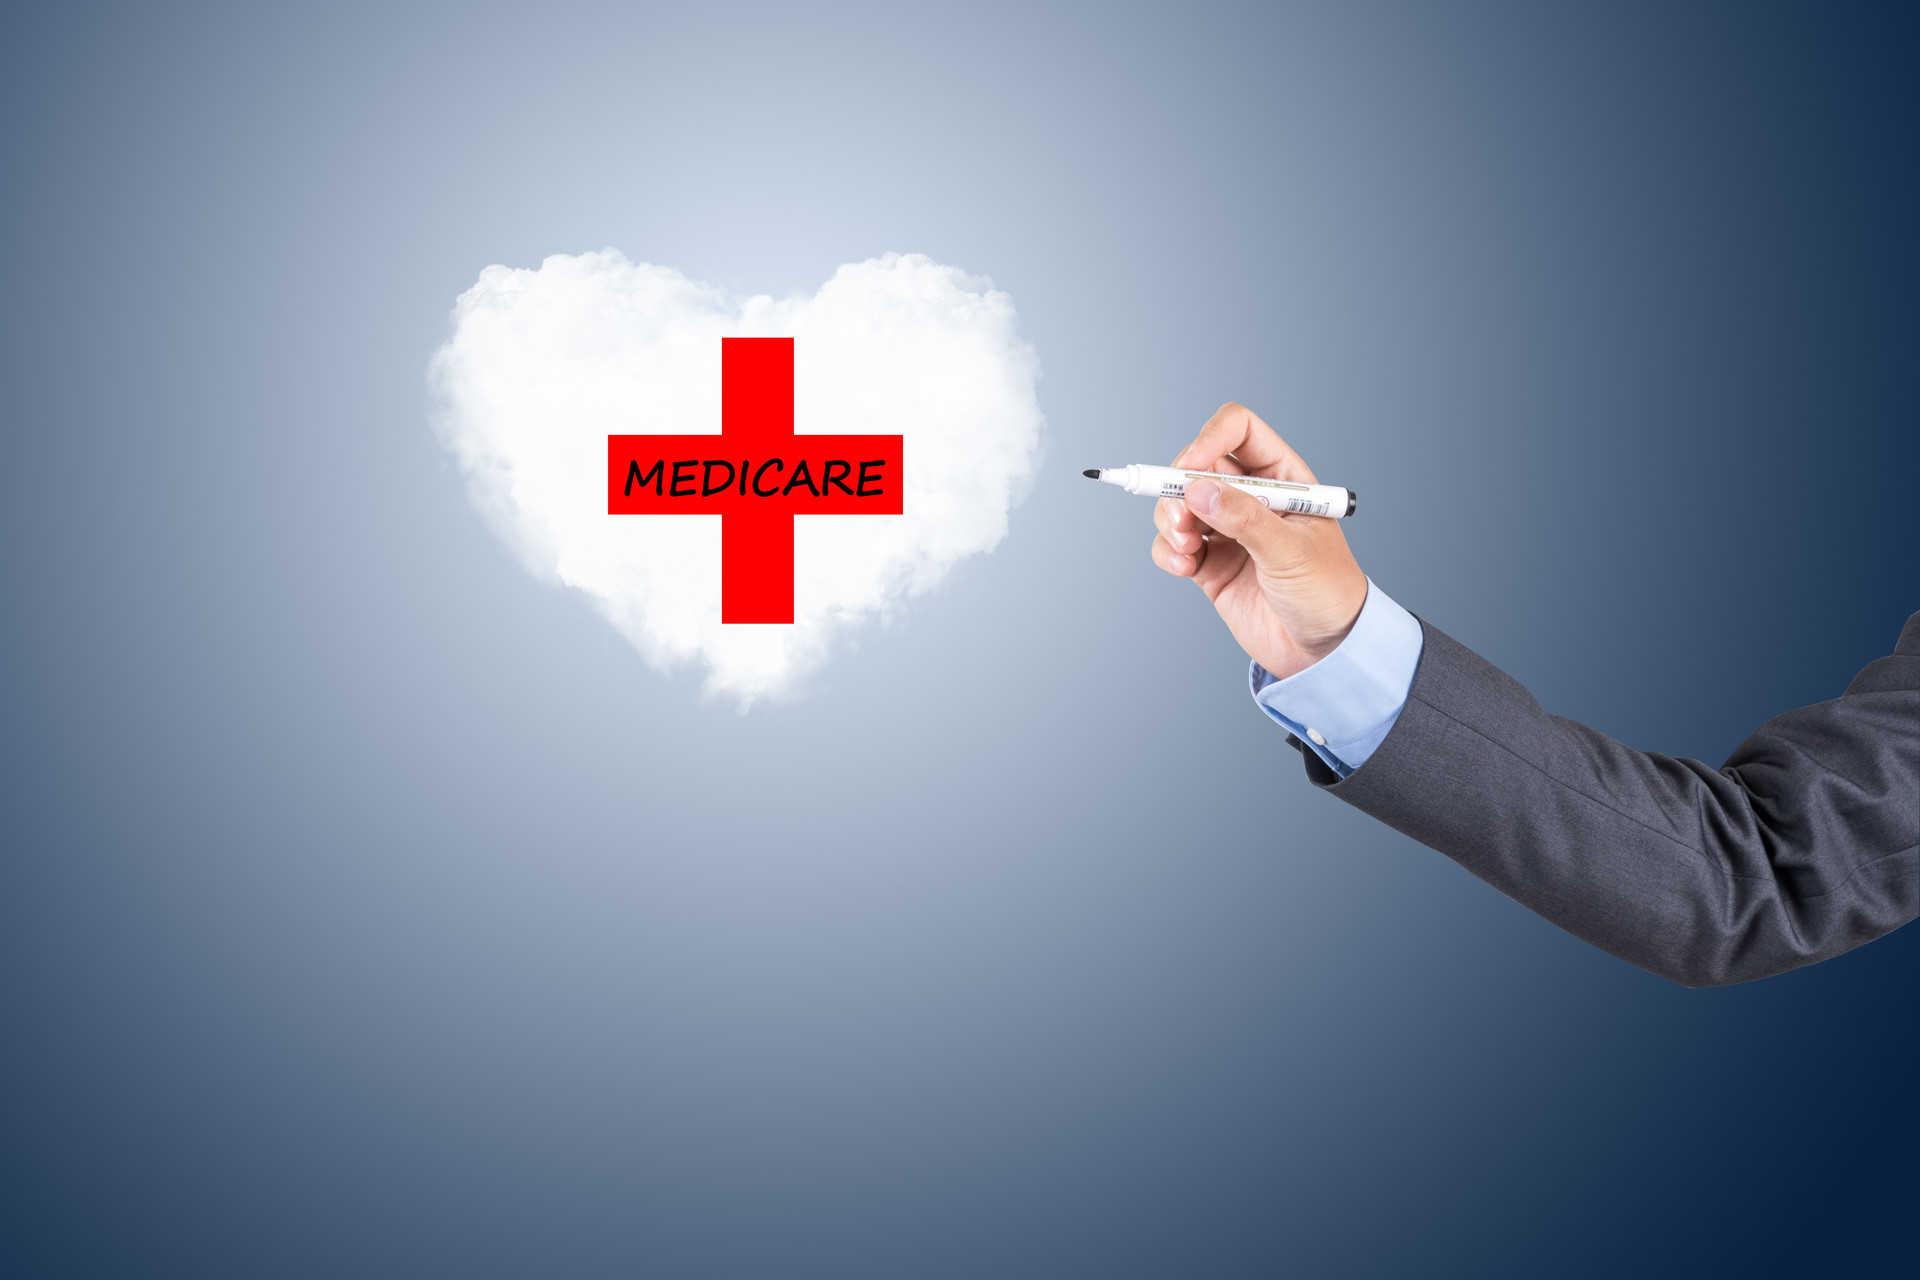 生育保险,医疗保险